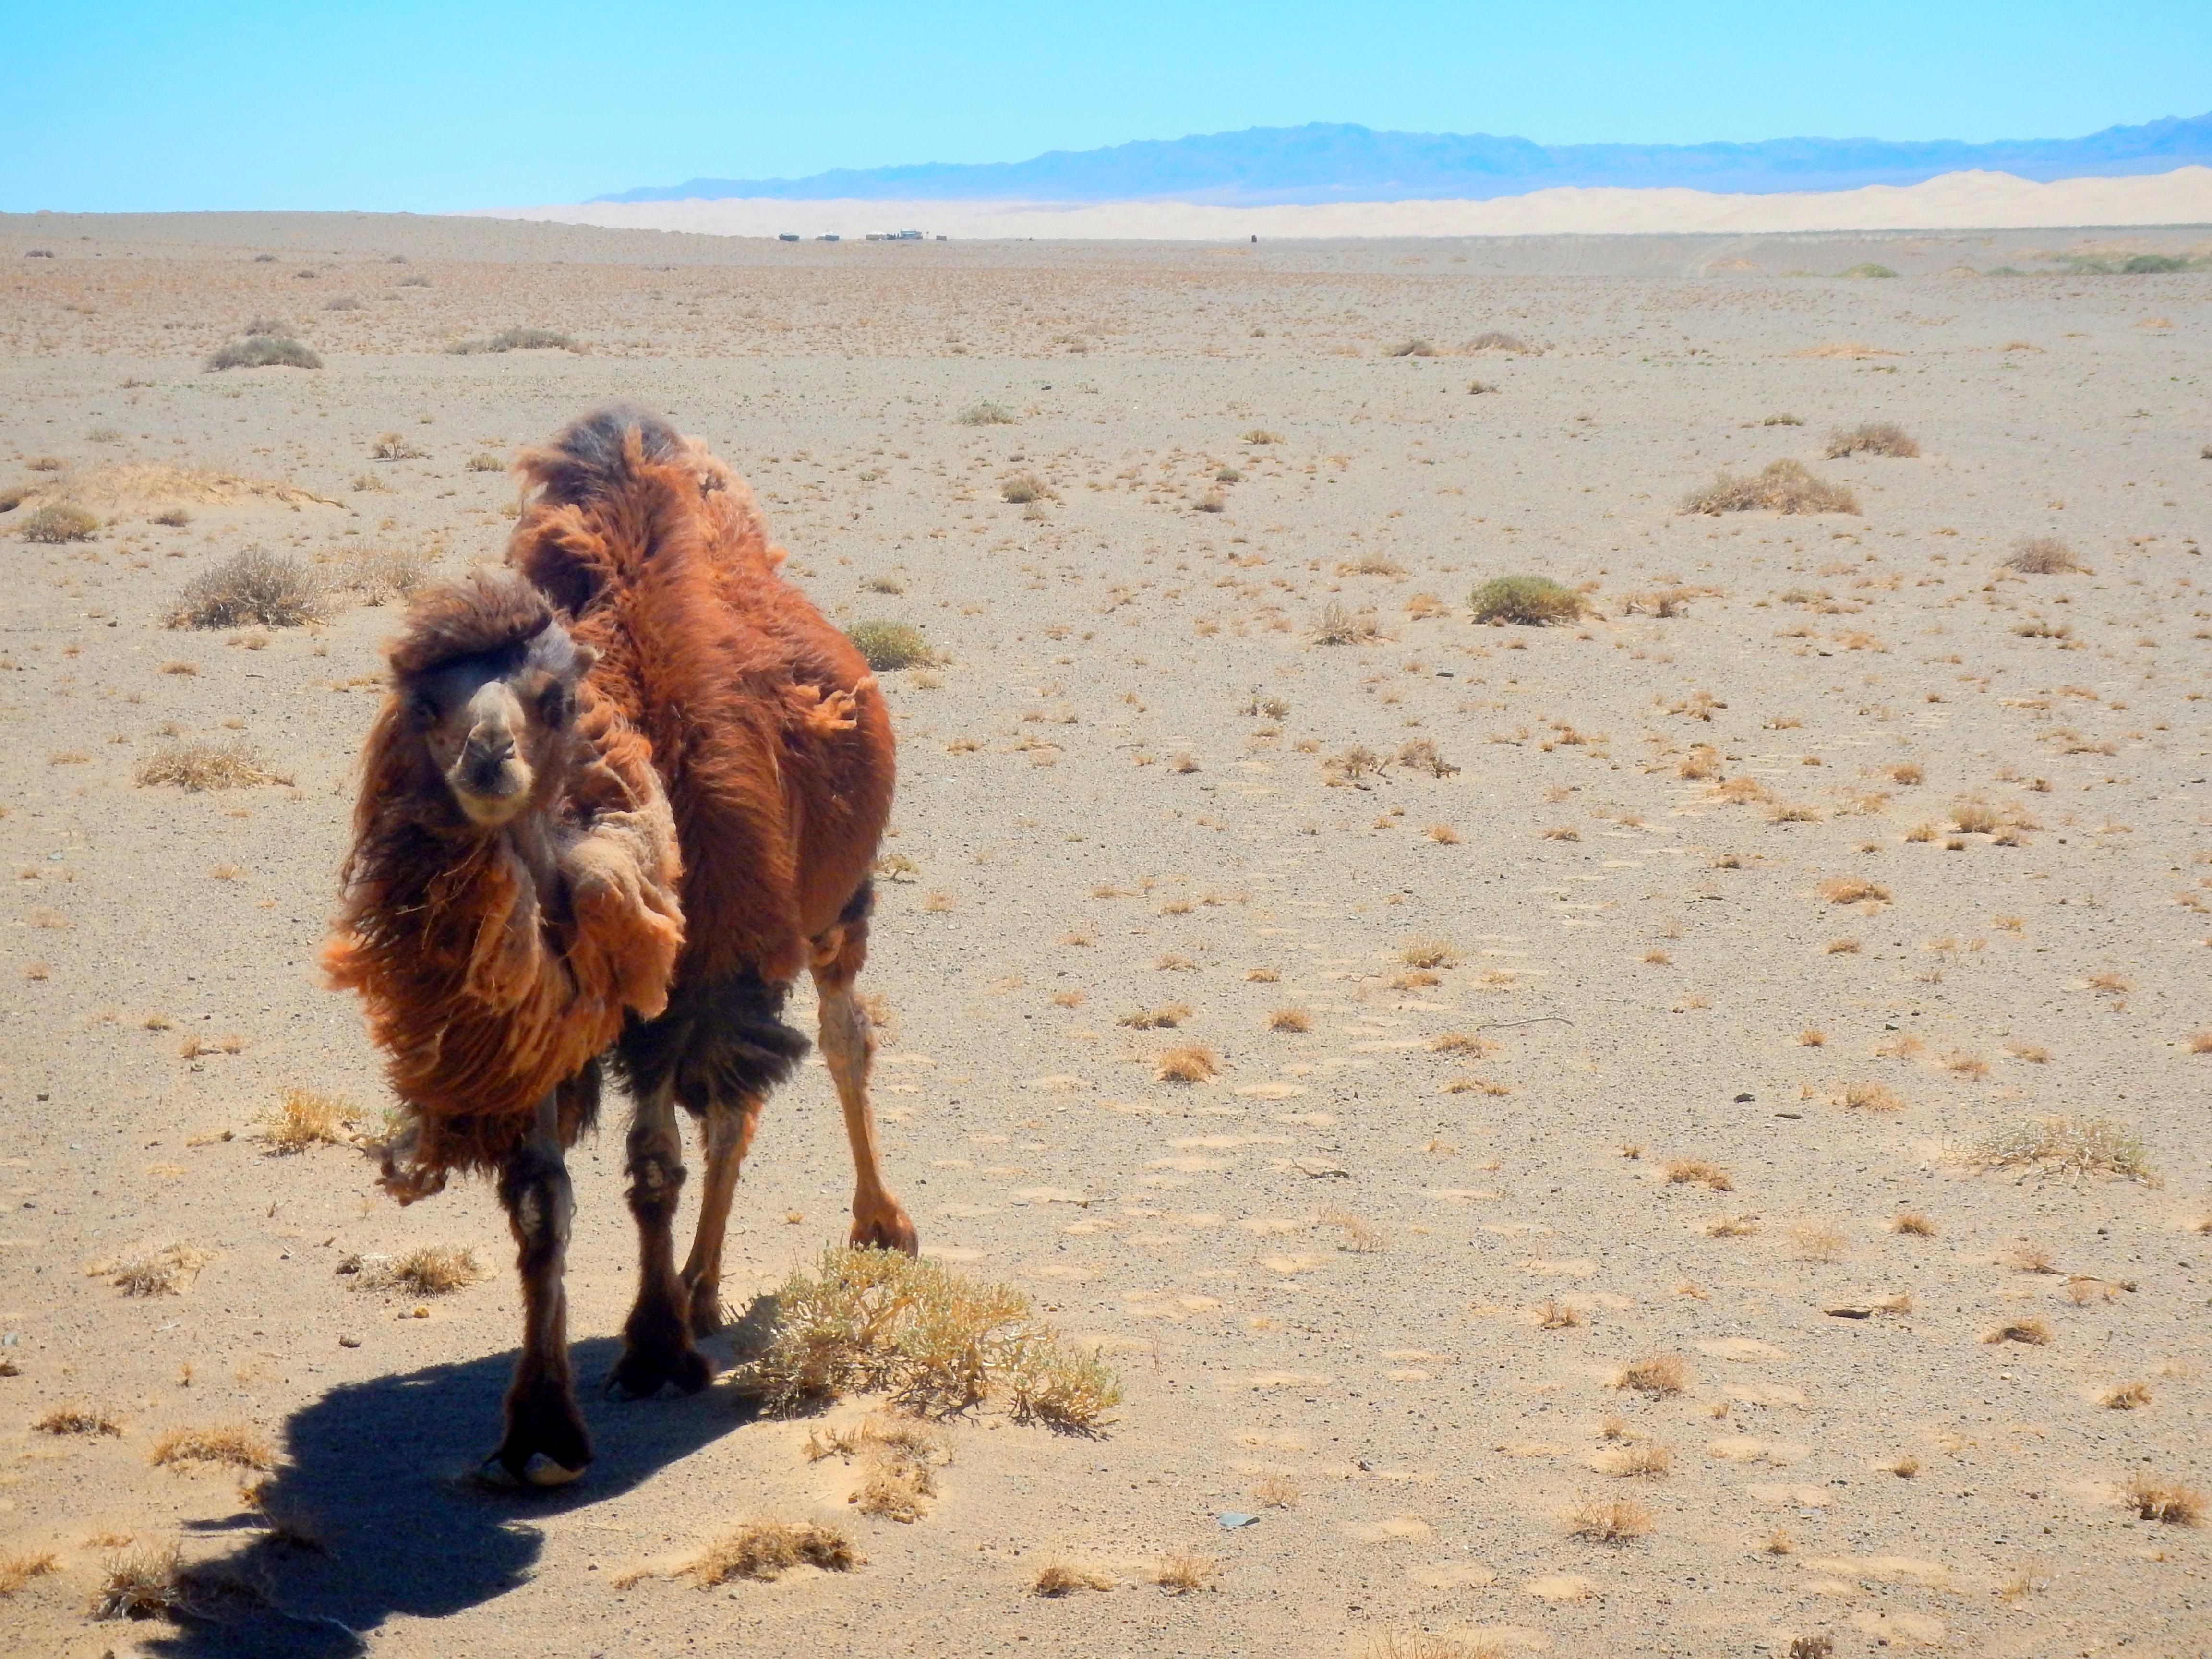 A wild camel stares us down in Khongoriin Els, Gobi Desert, Mongolia